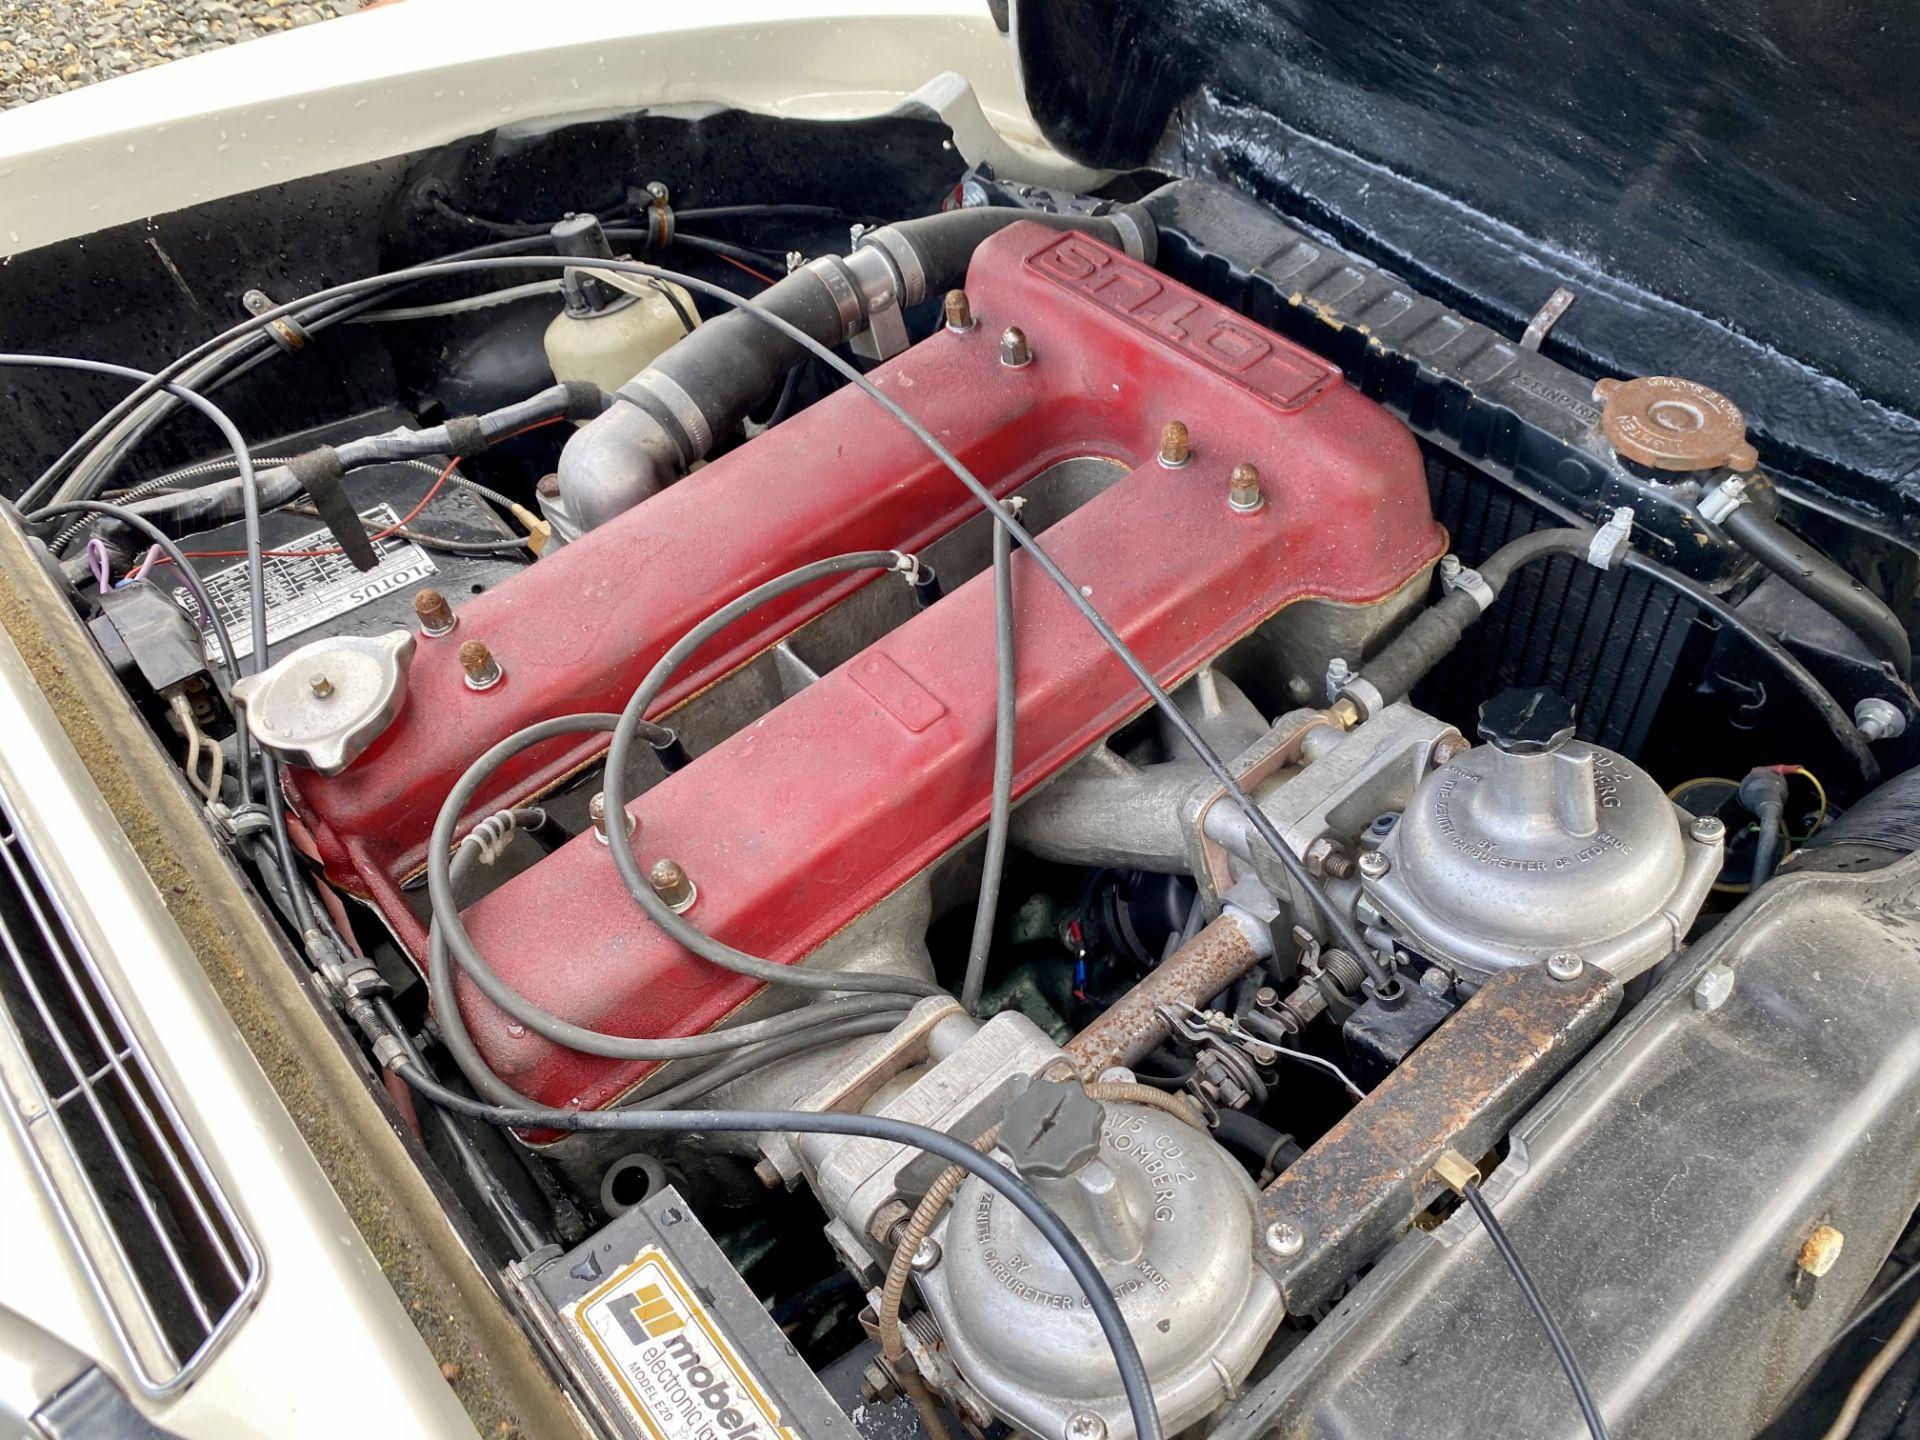 Lotus Elan S4 SE - Image 47 of 57